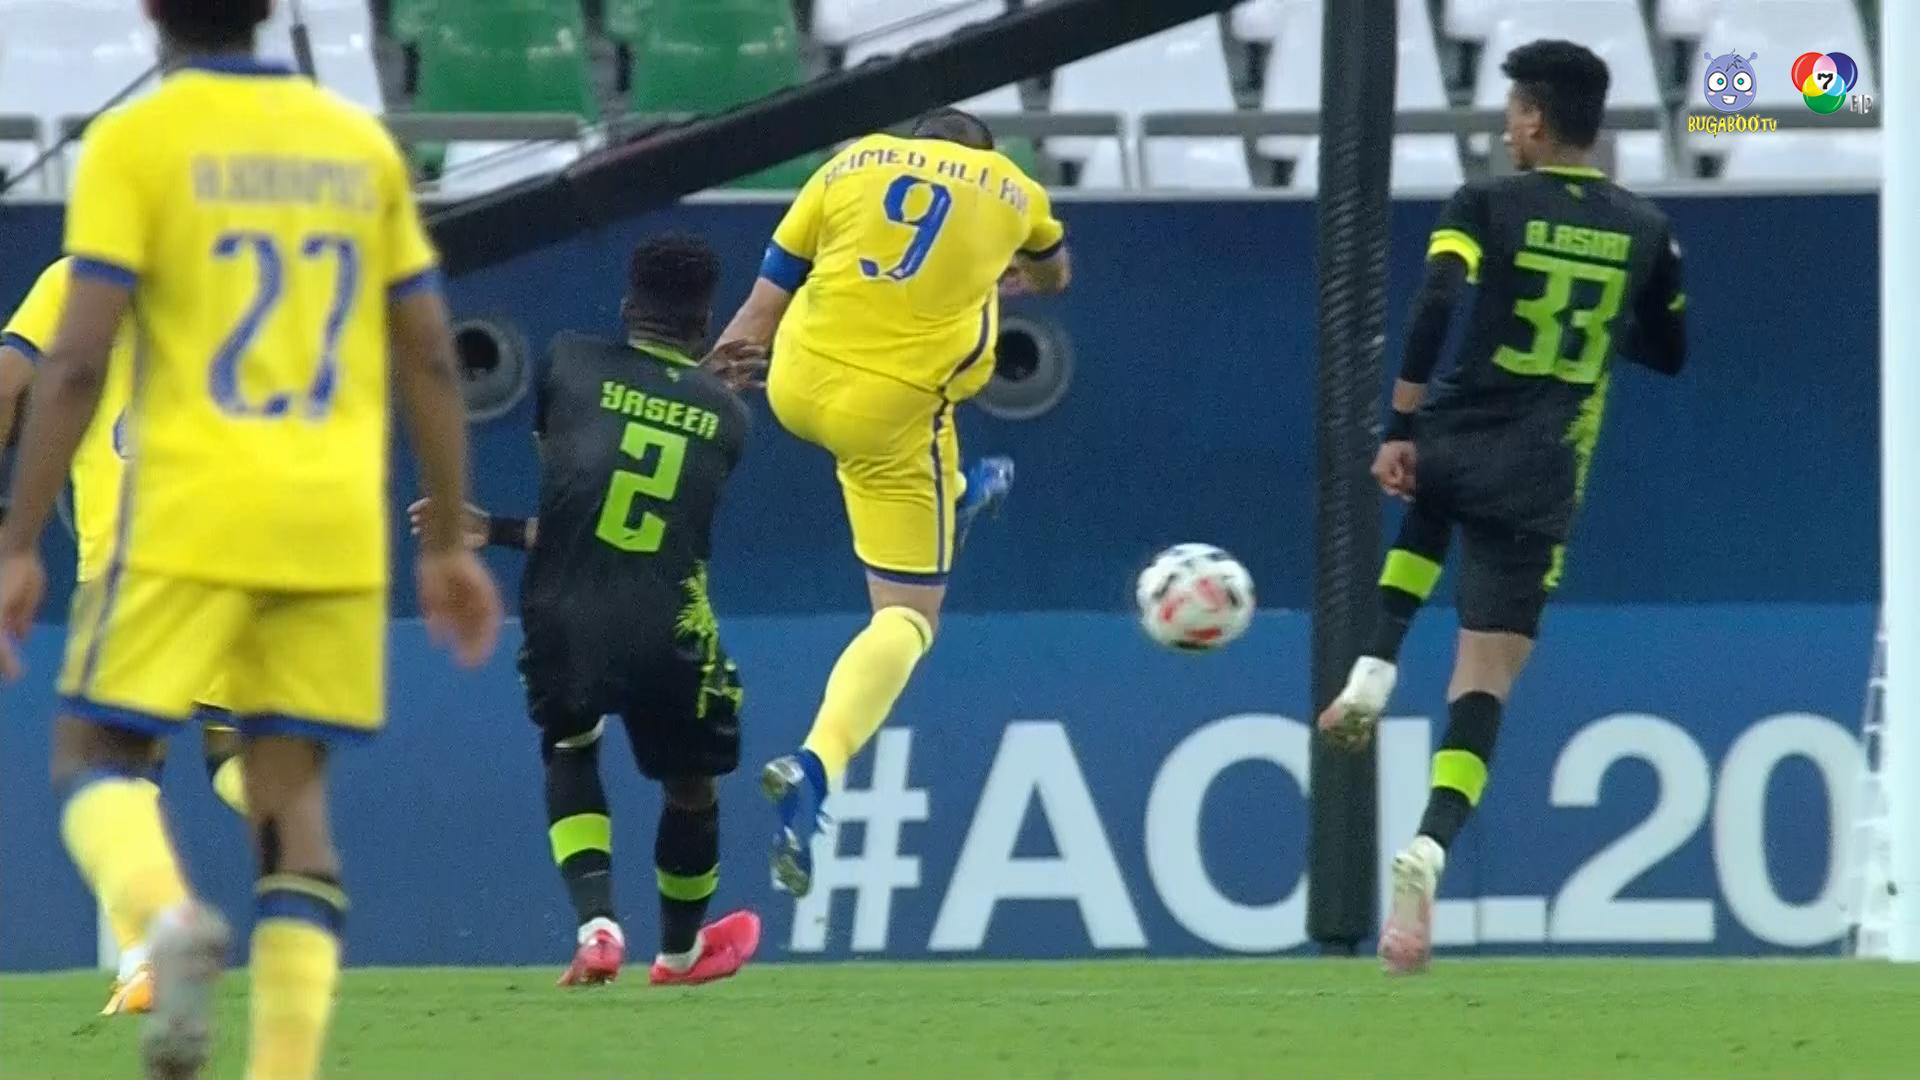 ไฮไลต์ อัล นาสเซอร์ 1-0 อัล ทาวอน ฟุตบอลเอเอฟซี แชมเปียนส์ลีก 2020